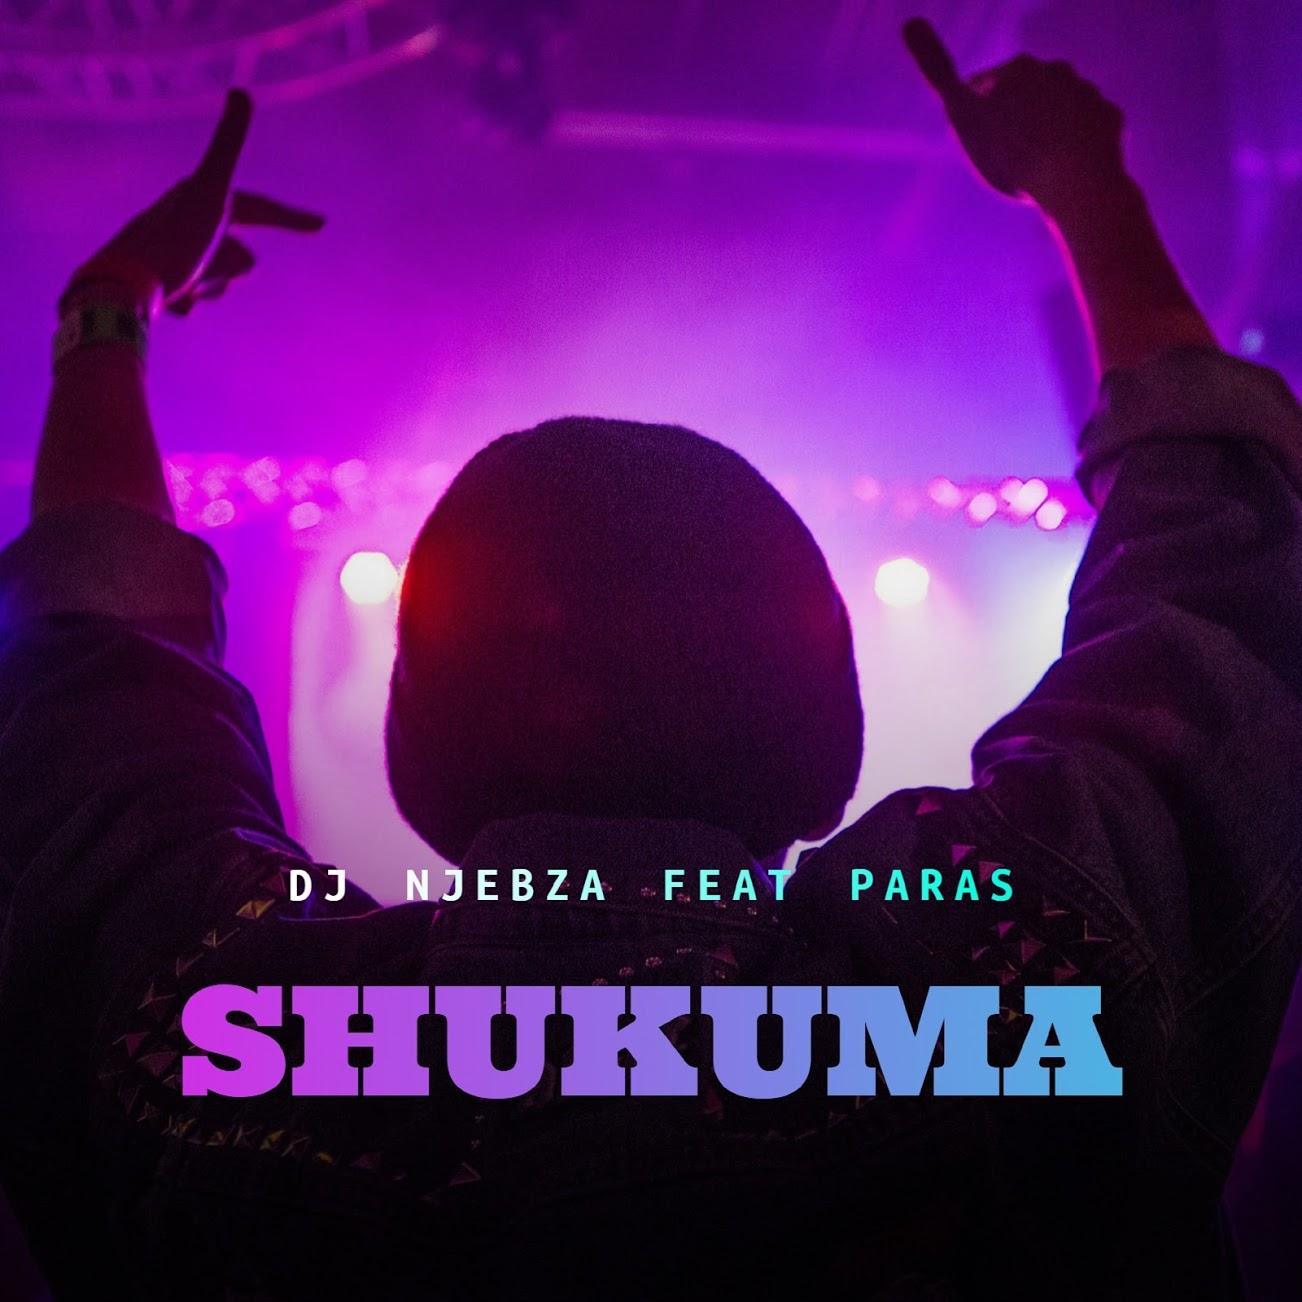 DJ Njebza Shukuma - DJ Njebza – Shukuma (feat. Paras)